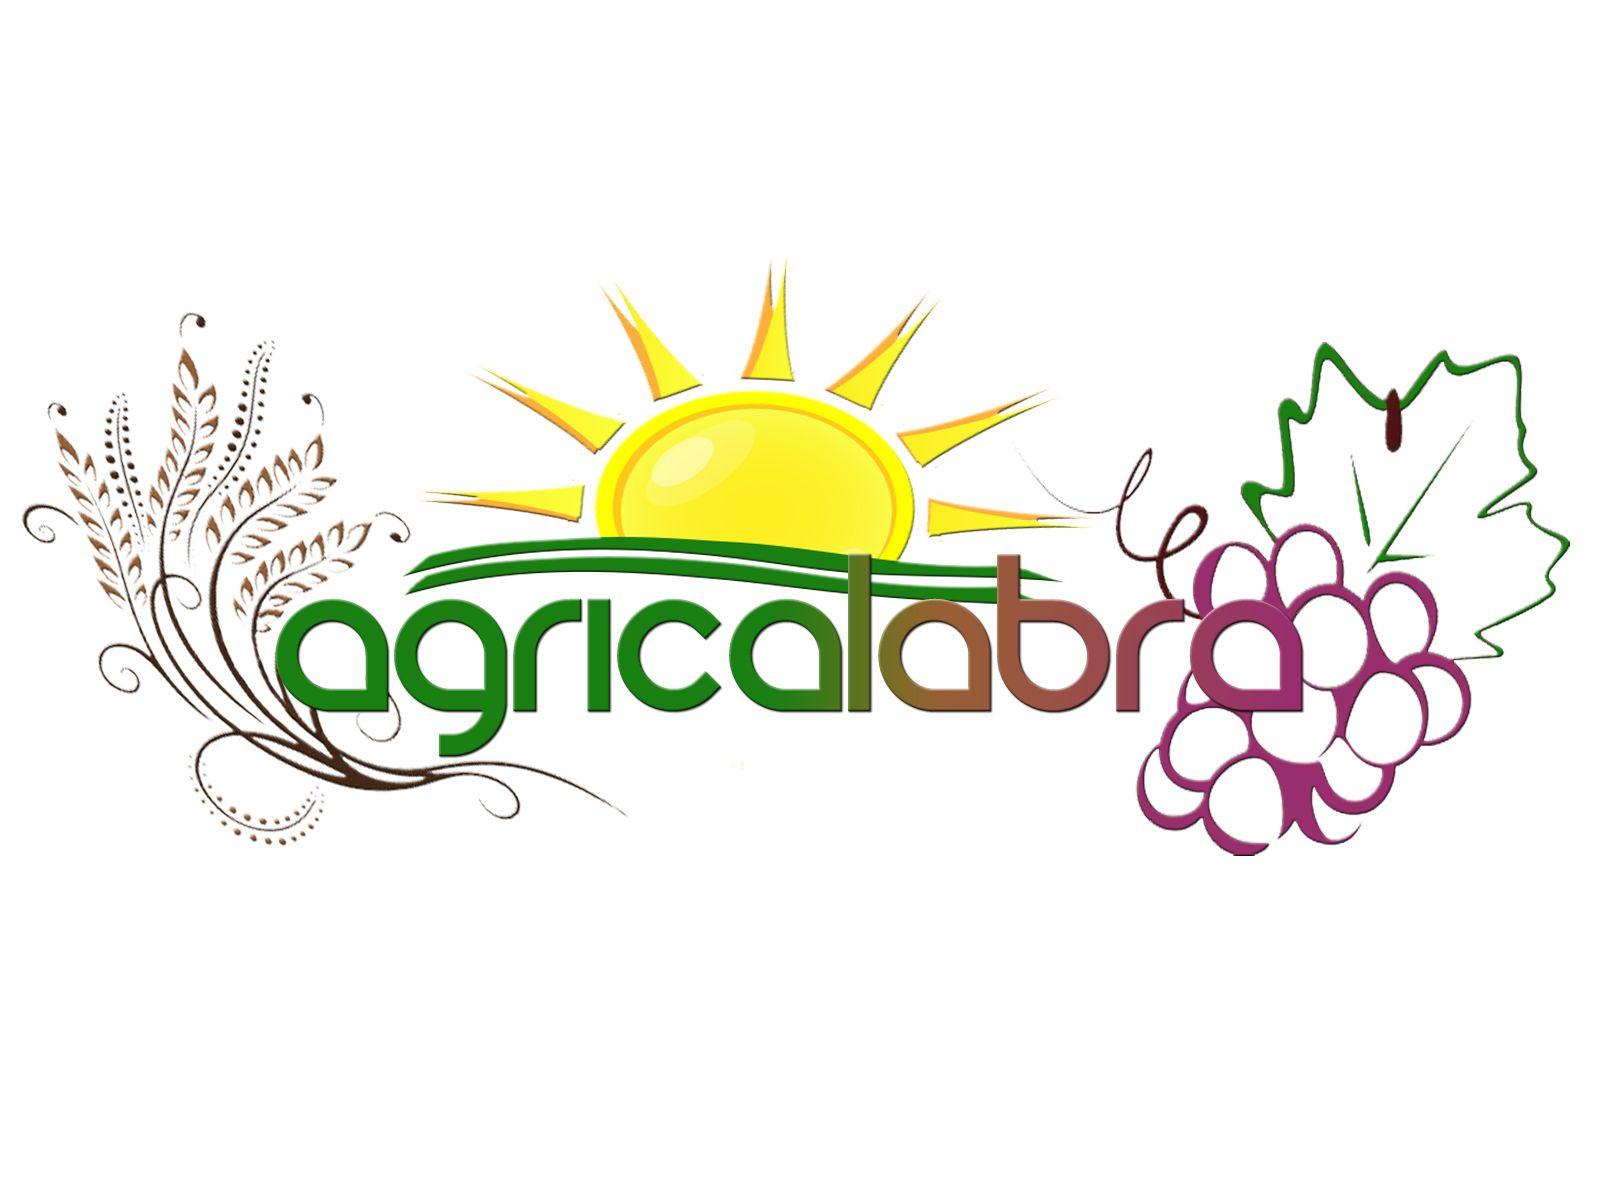 Agricalabra